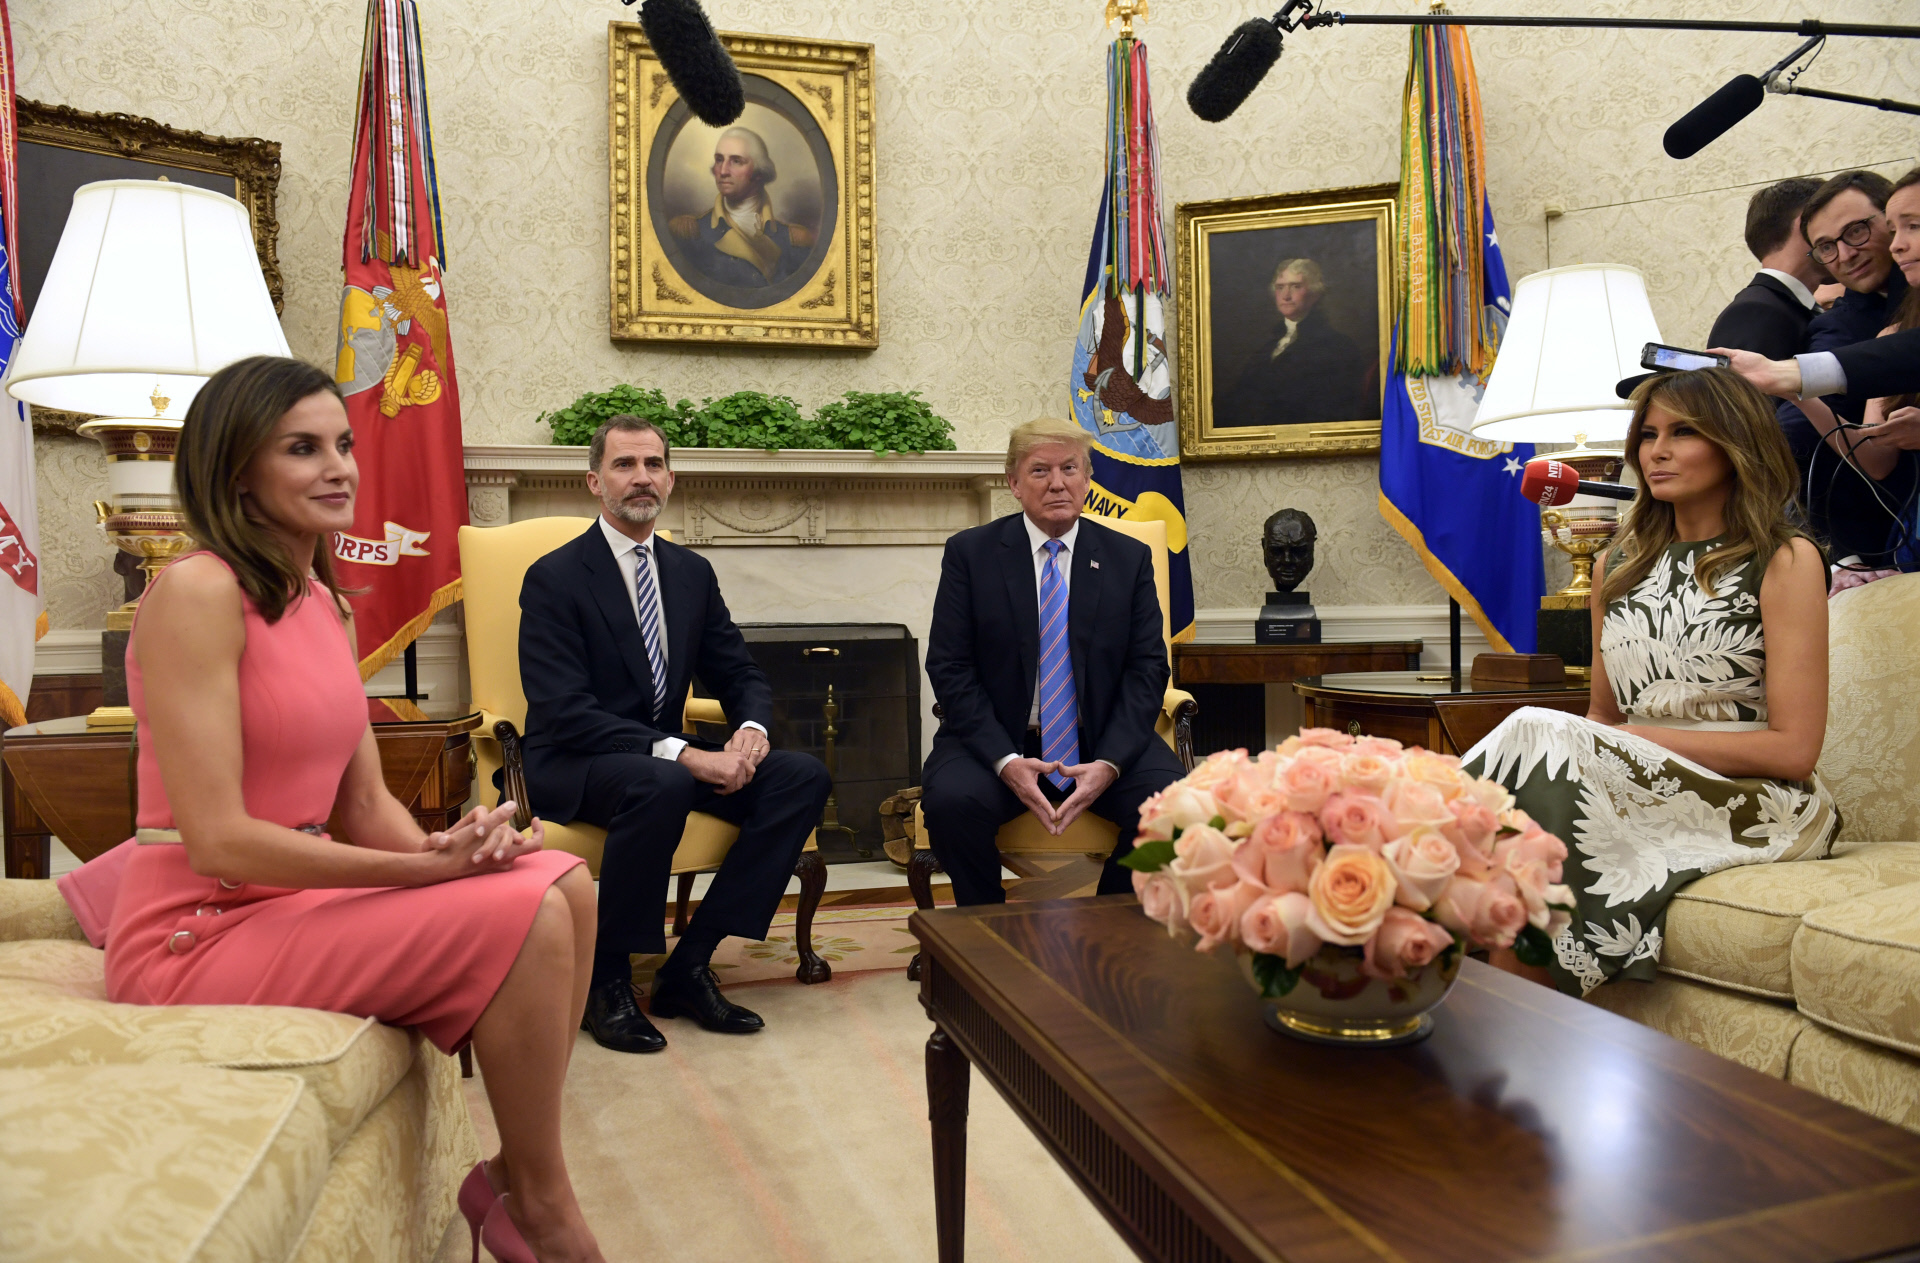 Los Reyes de España con los Trump en la Casa Blanca, Washington